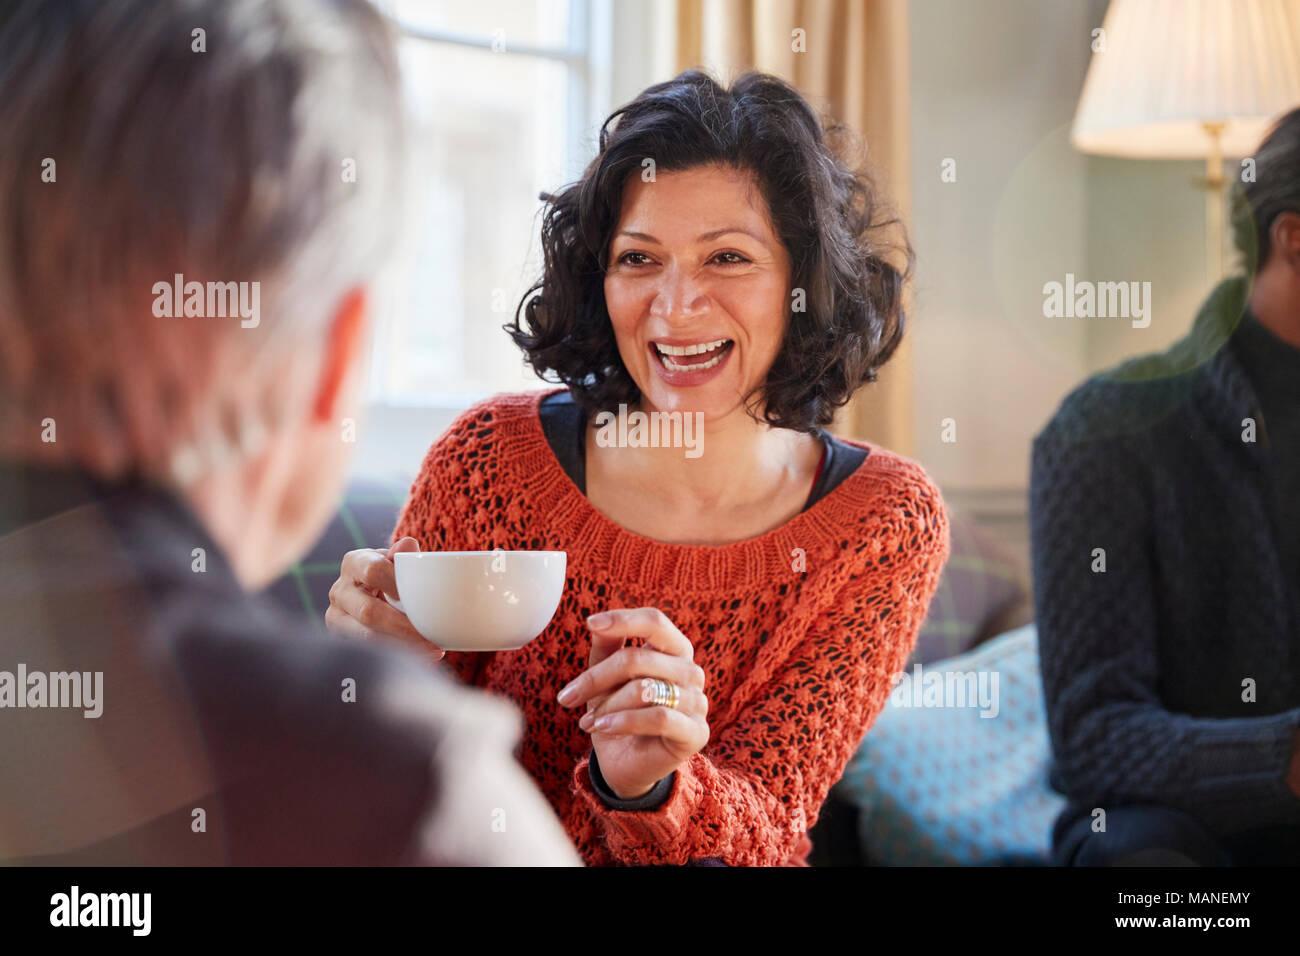 Mujer de mediana edad reunión de amigos en torno a una mesa en la cafetería. Imagen De Stock